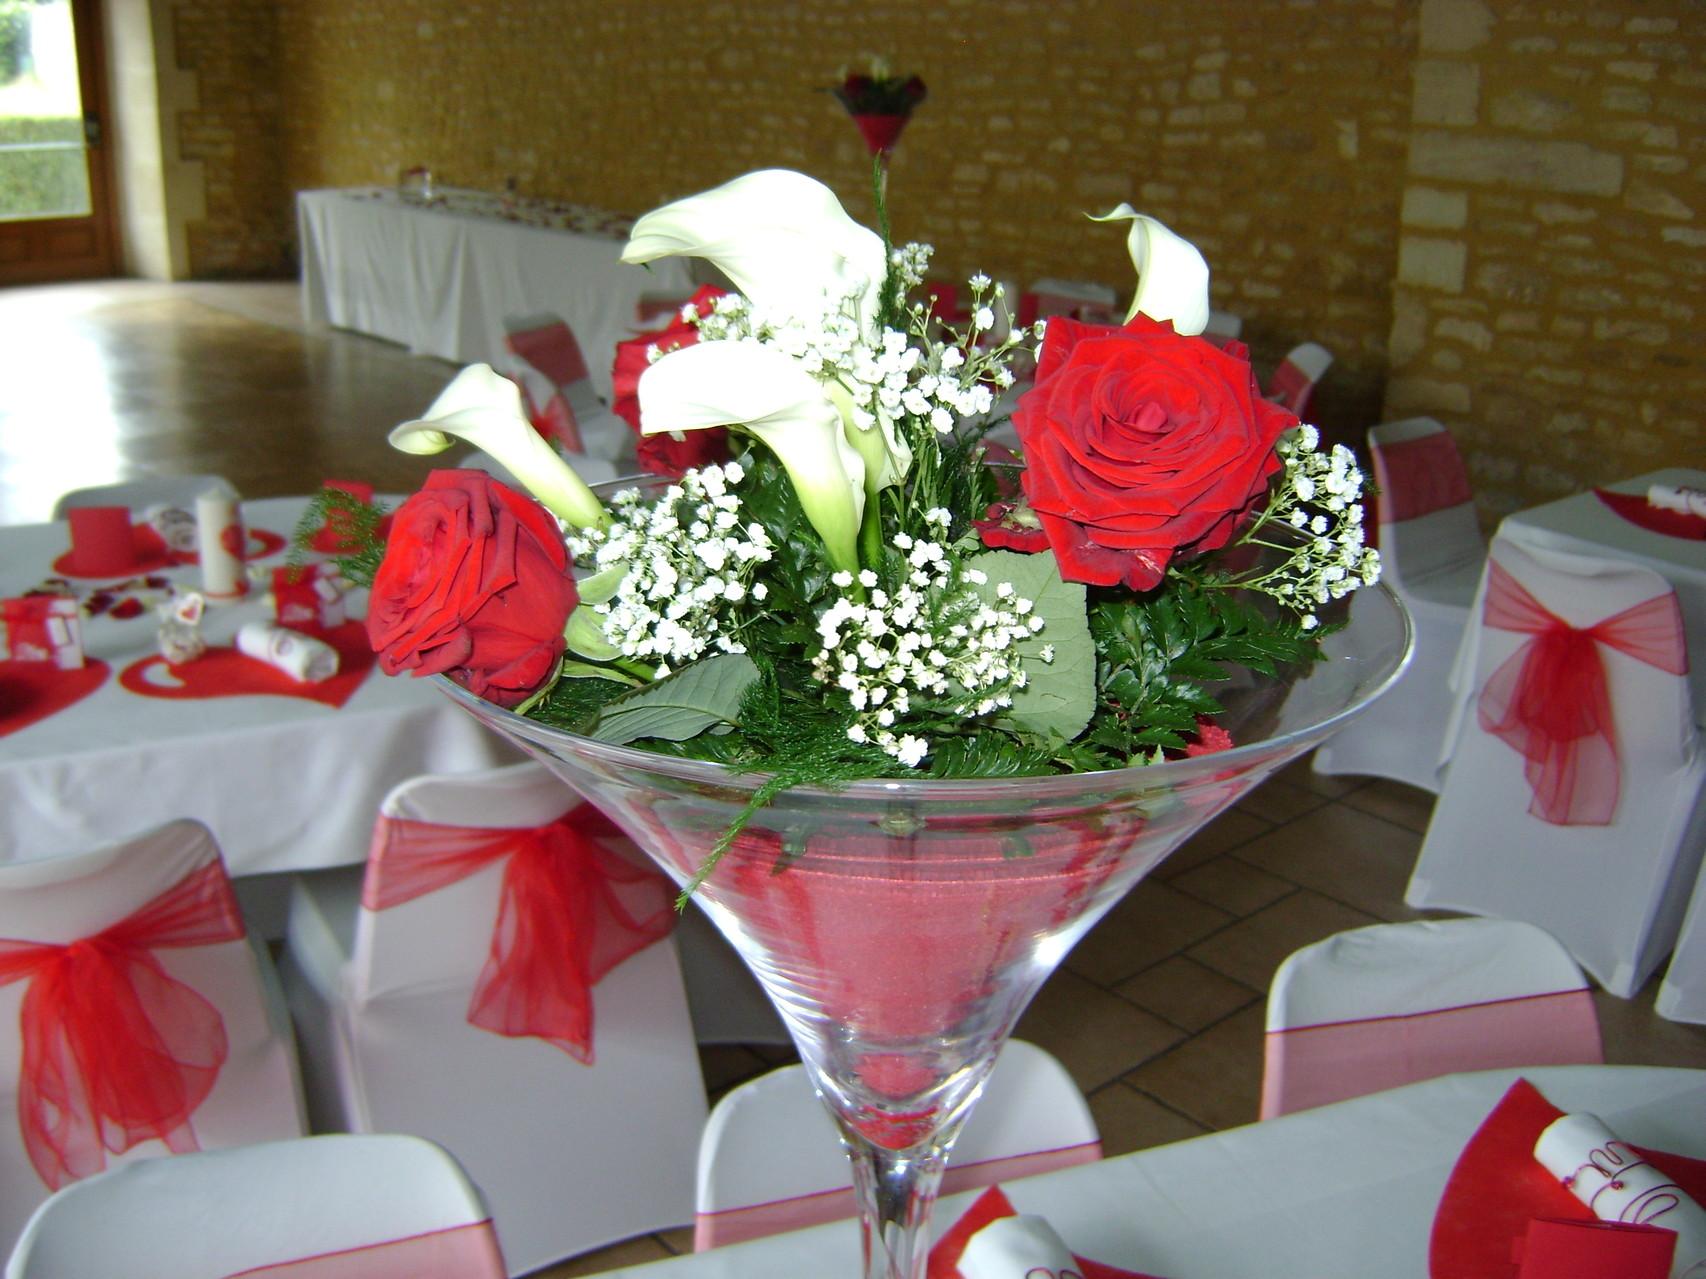 MARIAGE DANET TRAITEUR  - Décor de tables avec vase martini